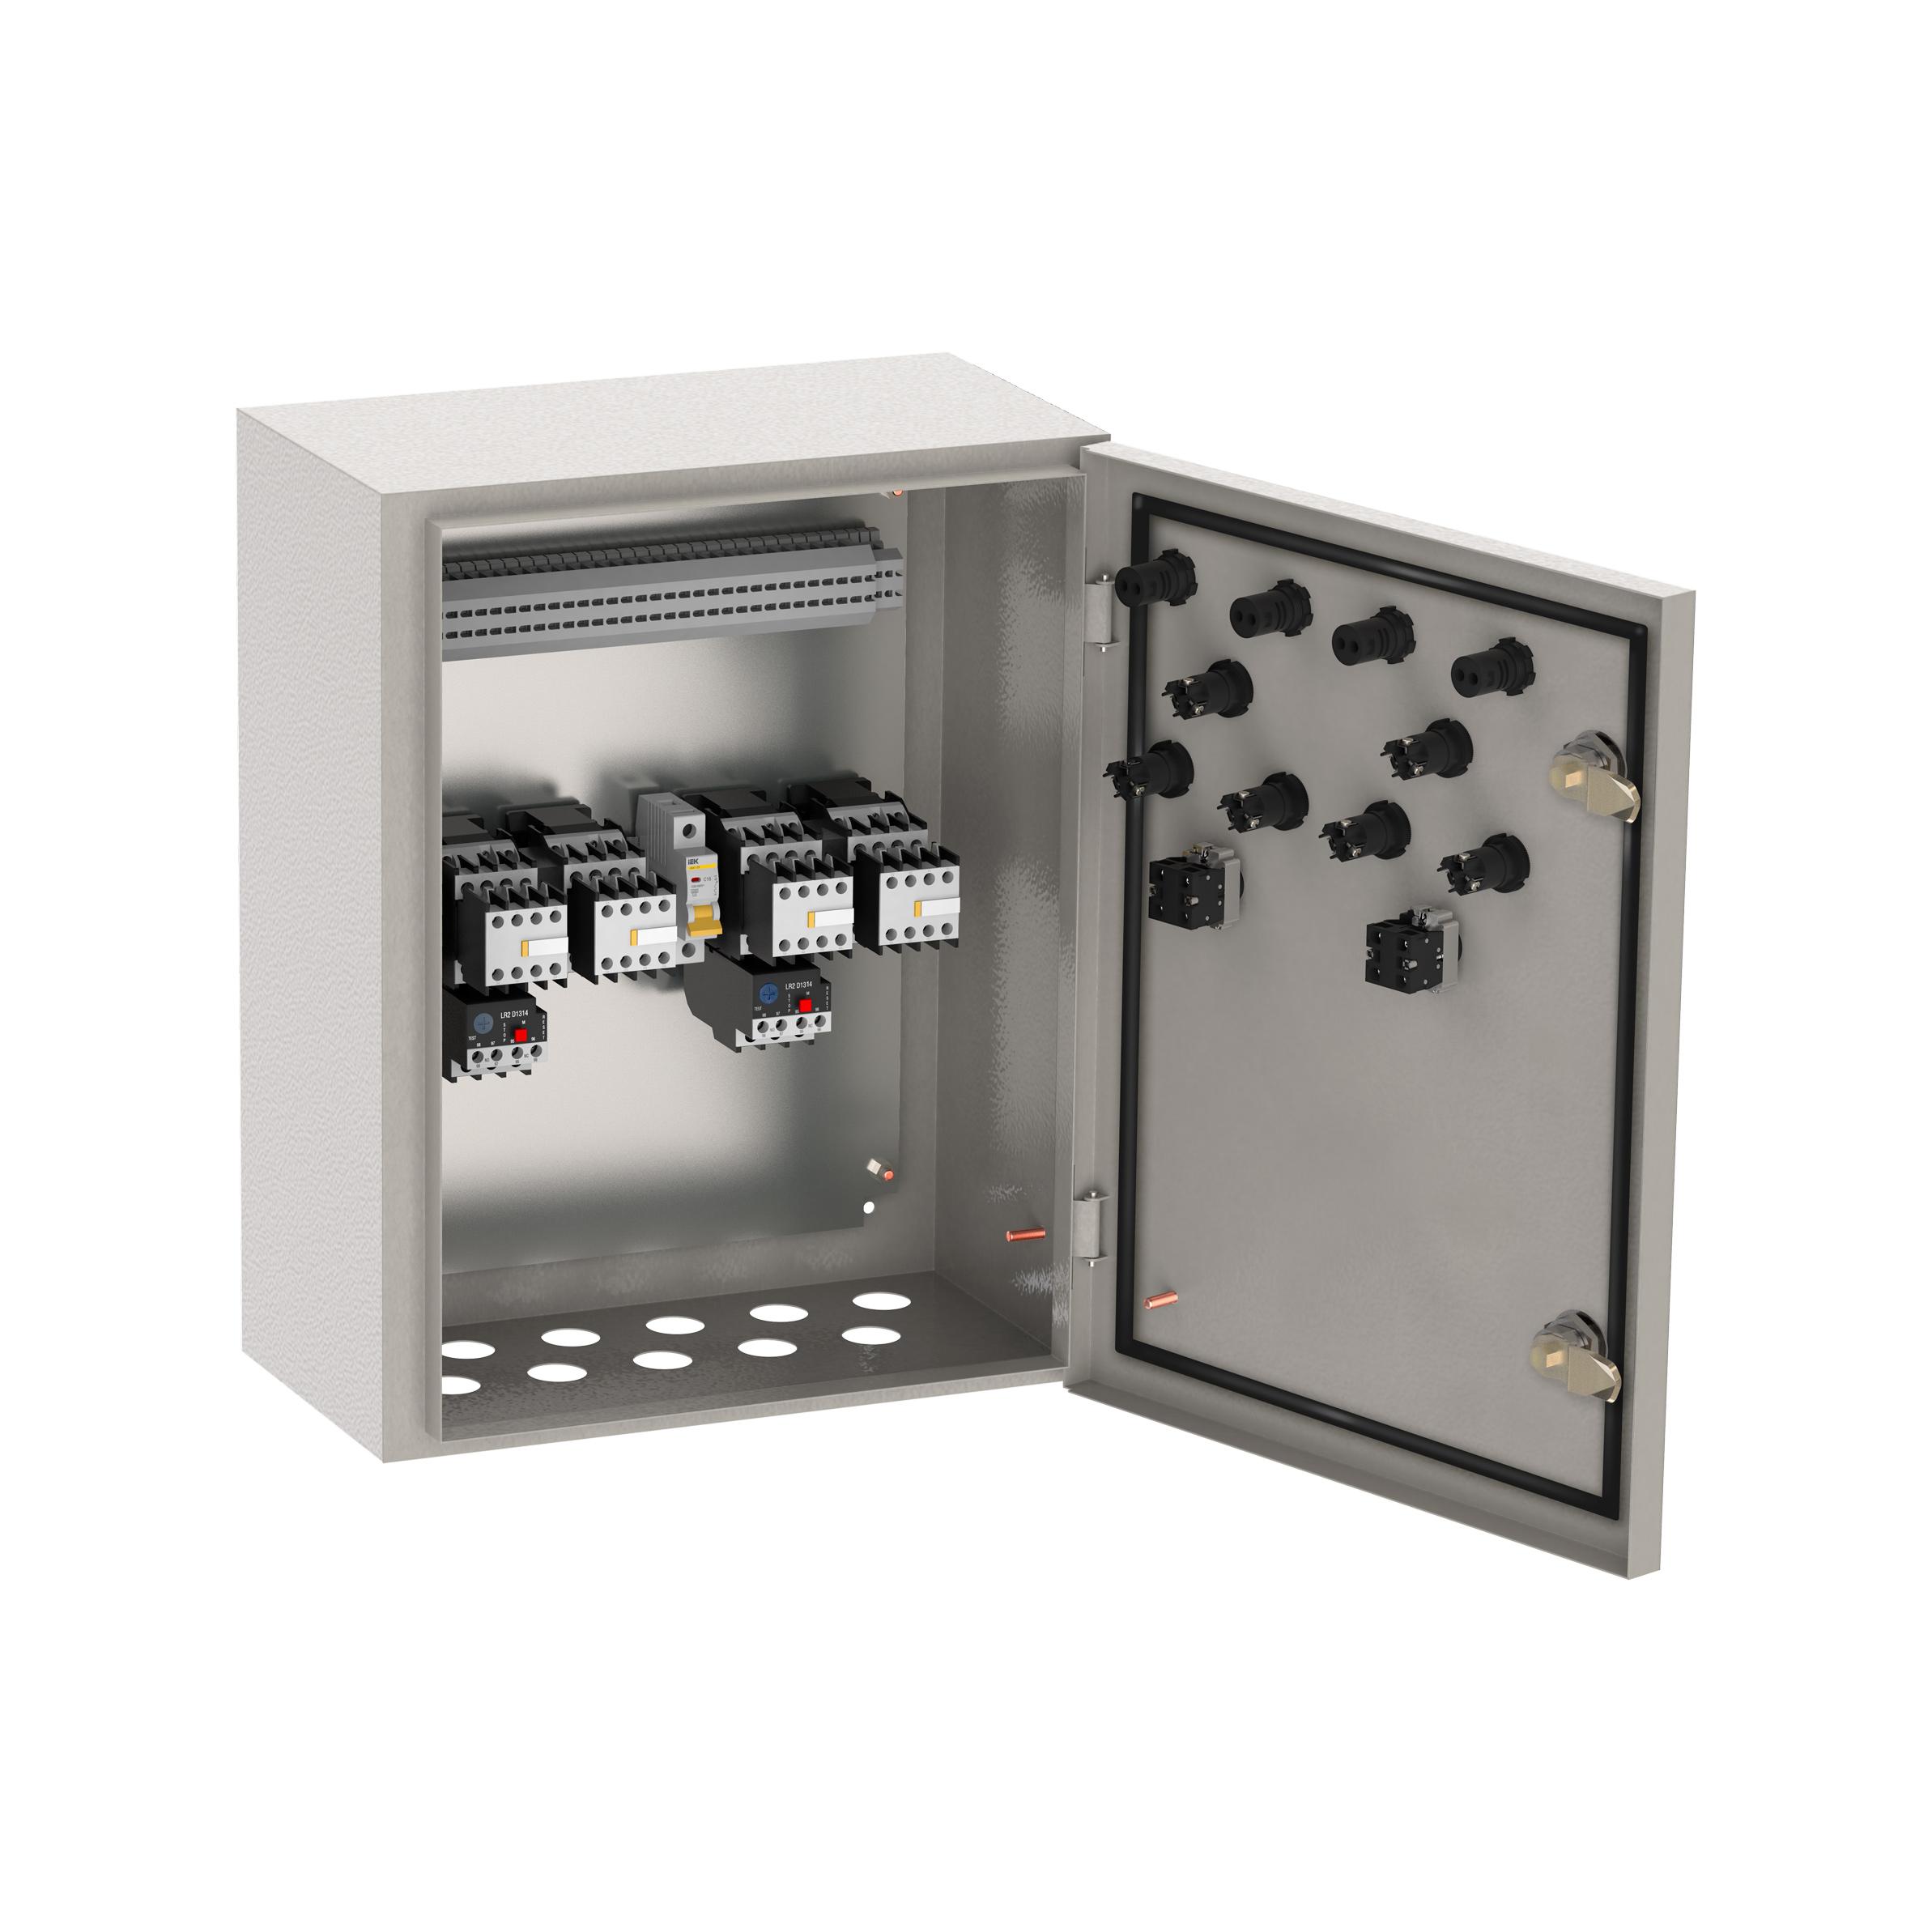 Ящик управления РУСМ5434-2274 реверсивный 2 фидера без автоматического выключателя без переключателя на автоматический режим 1,6А IP54 IEK